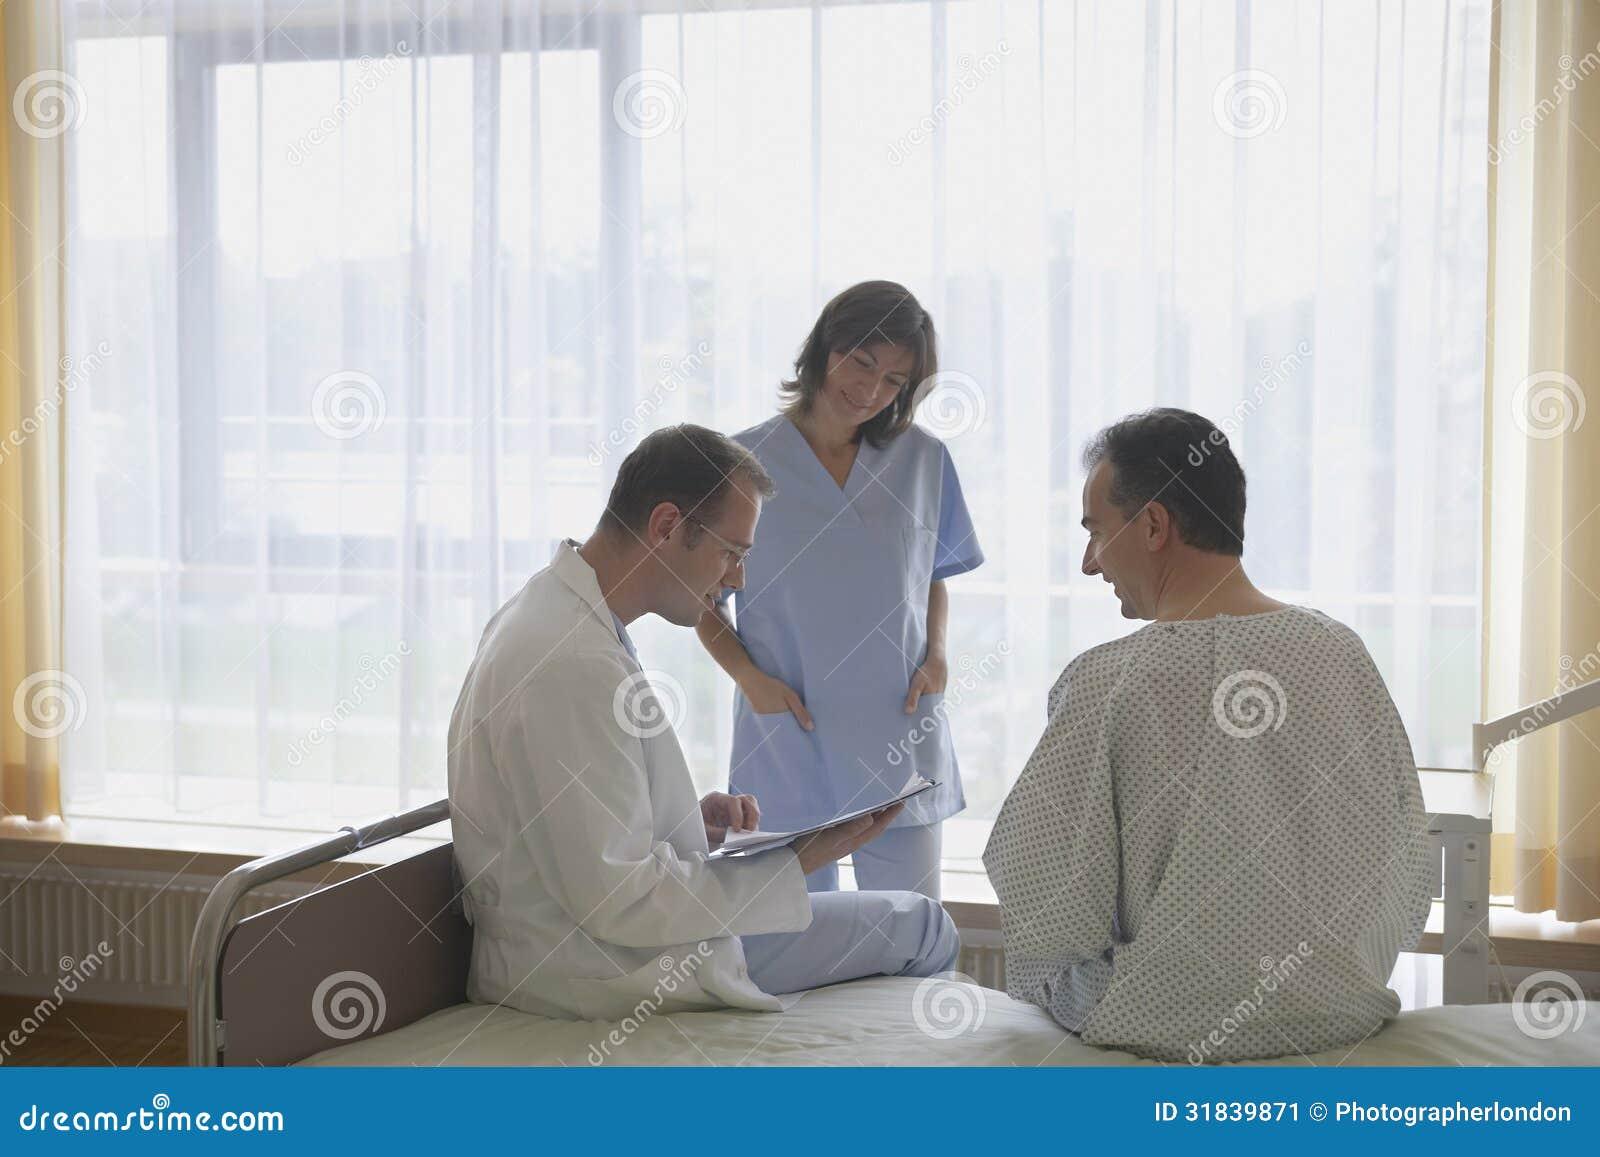 Patient de docteur and nurse with dans la chambre d for La chambre 13 hopital